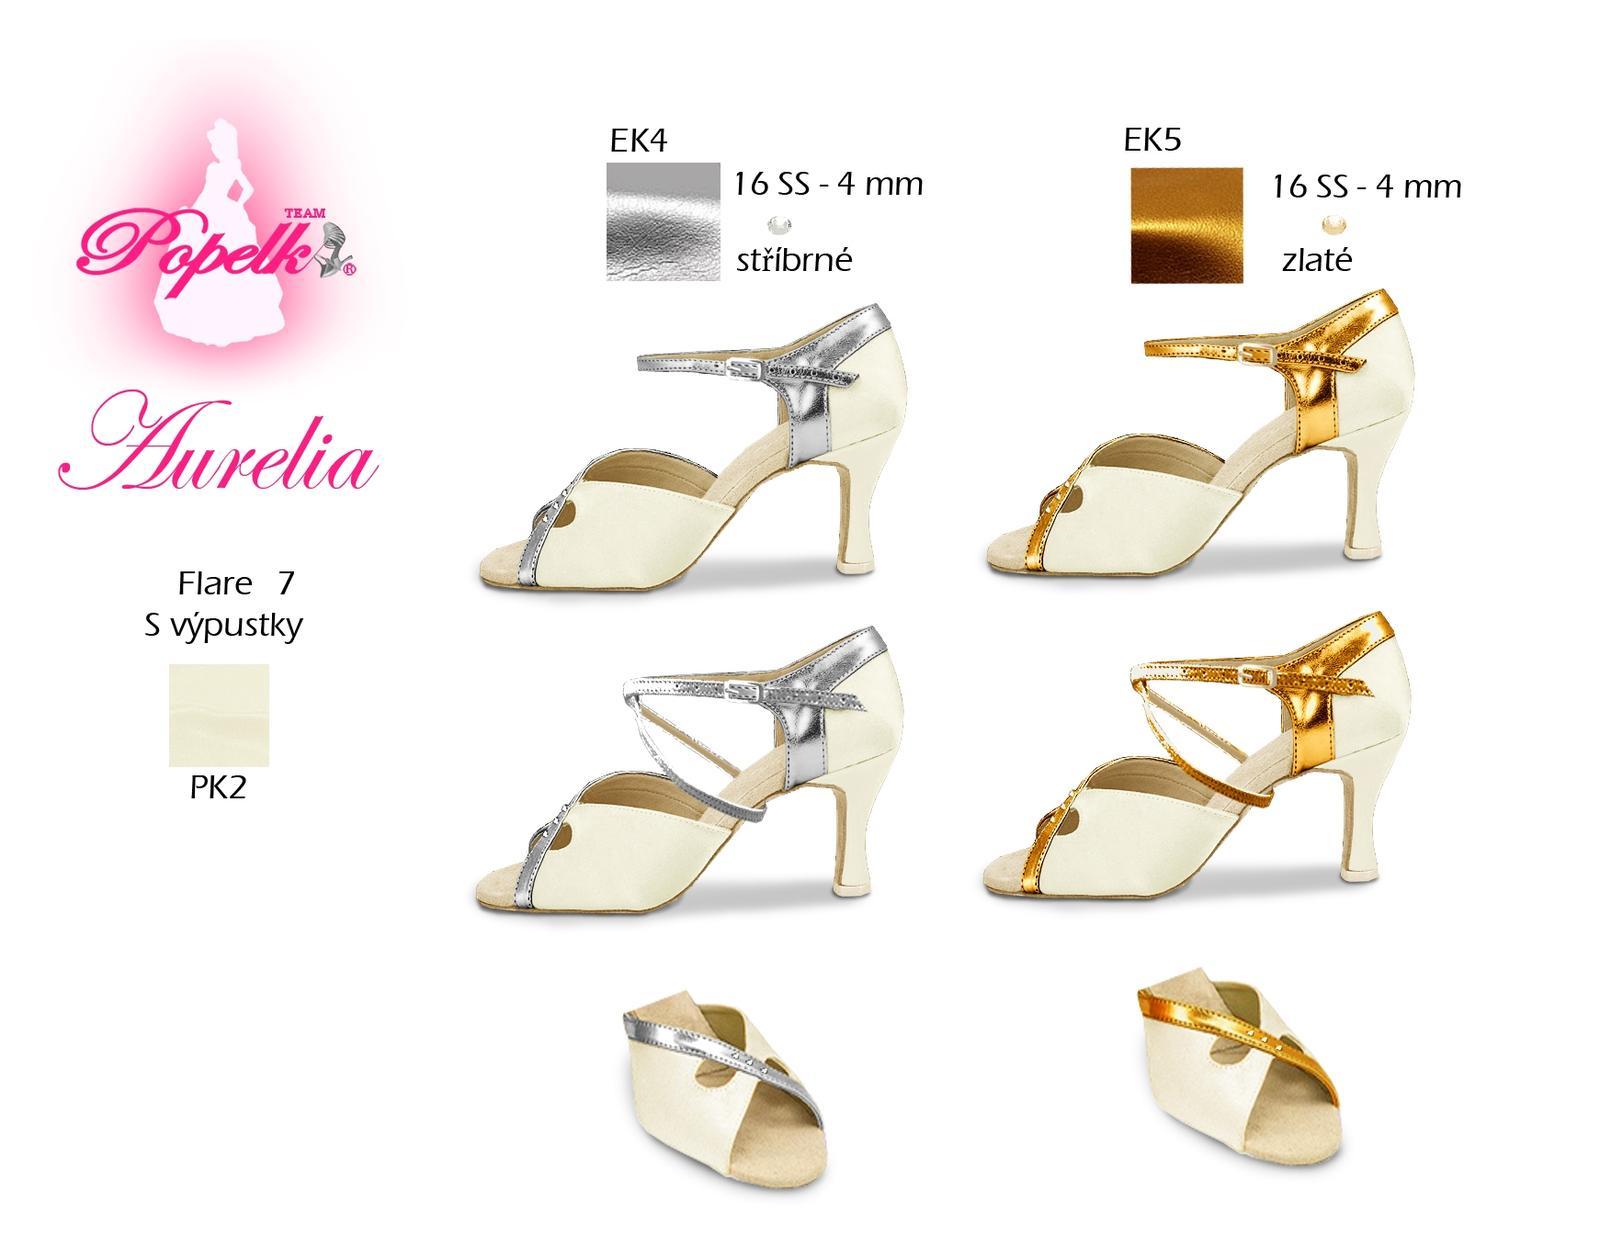 Svadobné topánky navrhni a uprav si ich podľa seba - inšpirácie zlatá - Obrázok č. 43